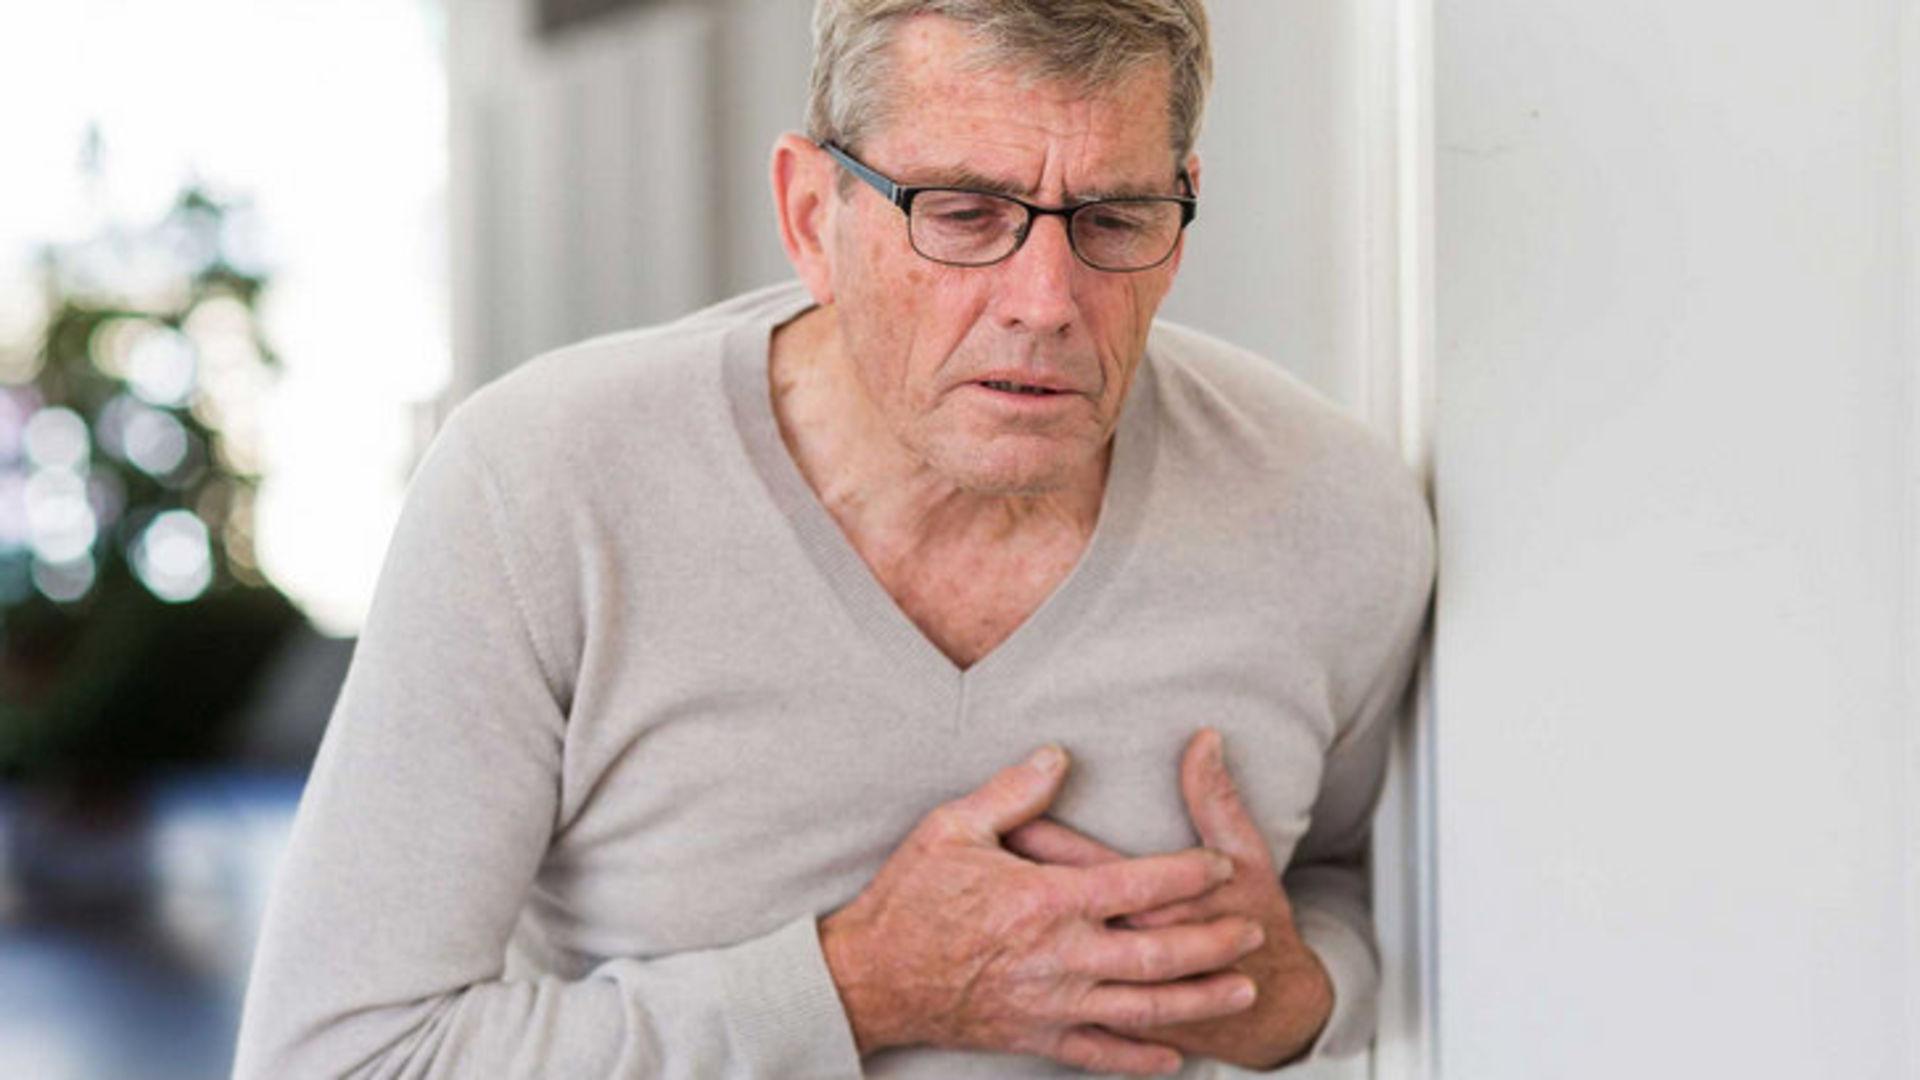 Ciddi Kalp Hastasıysanız Oruç Tutmayın!